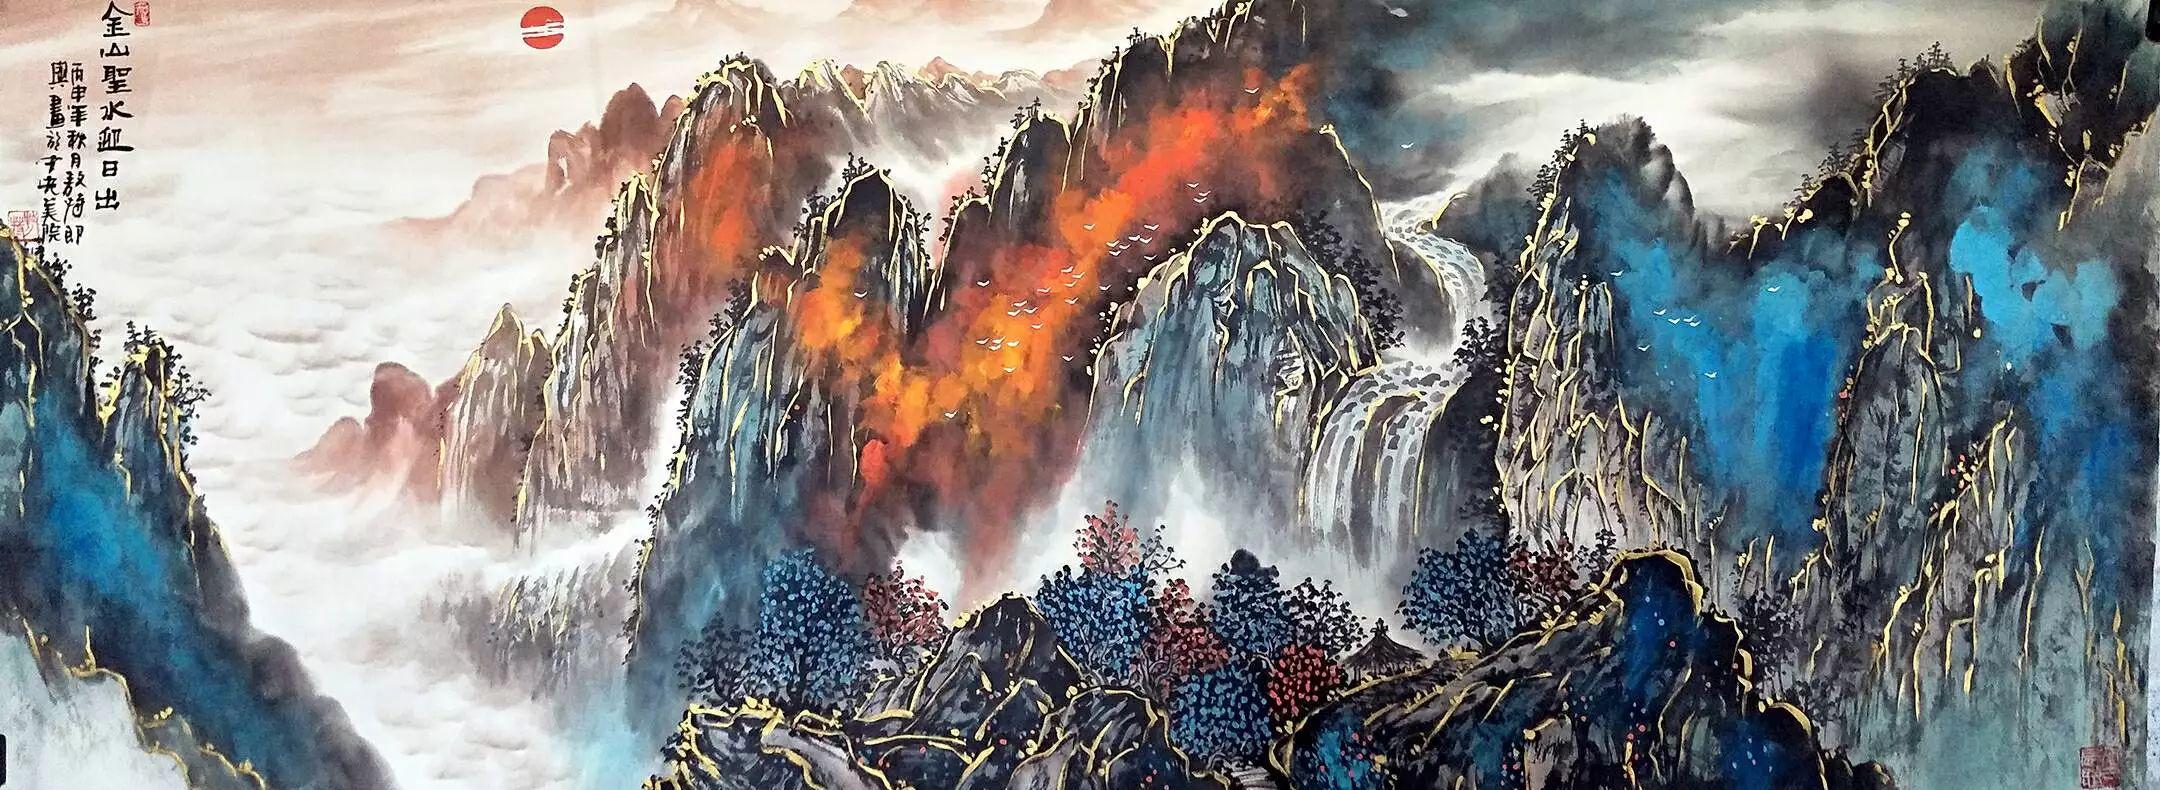 【人物传真】著名蒙古族青年艺术家——敖特 第32张 【人物传真】著名蒙古族青年艺术家——敖特 蒙古画廊